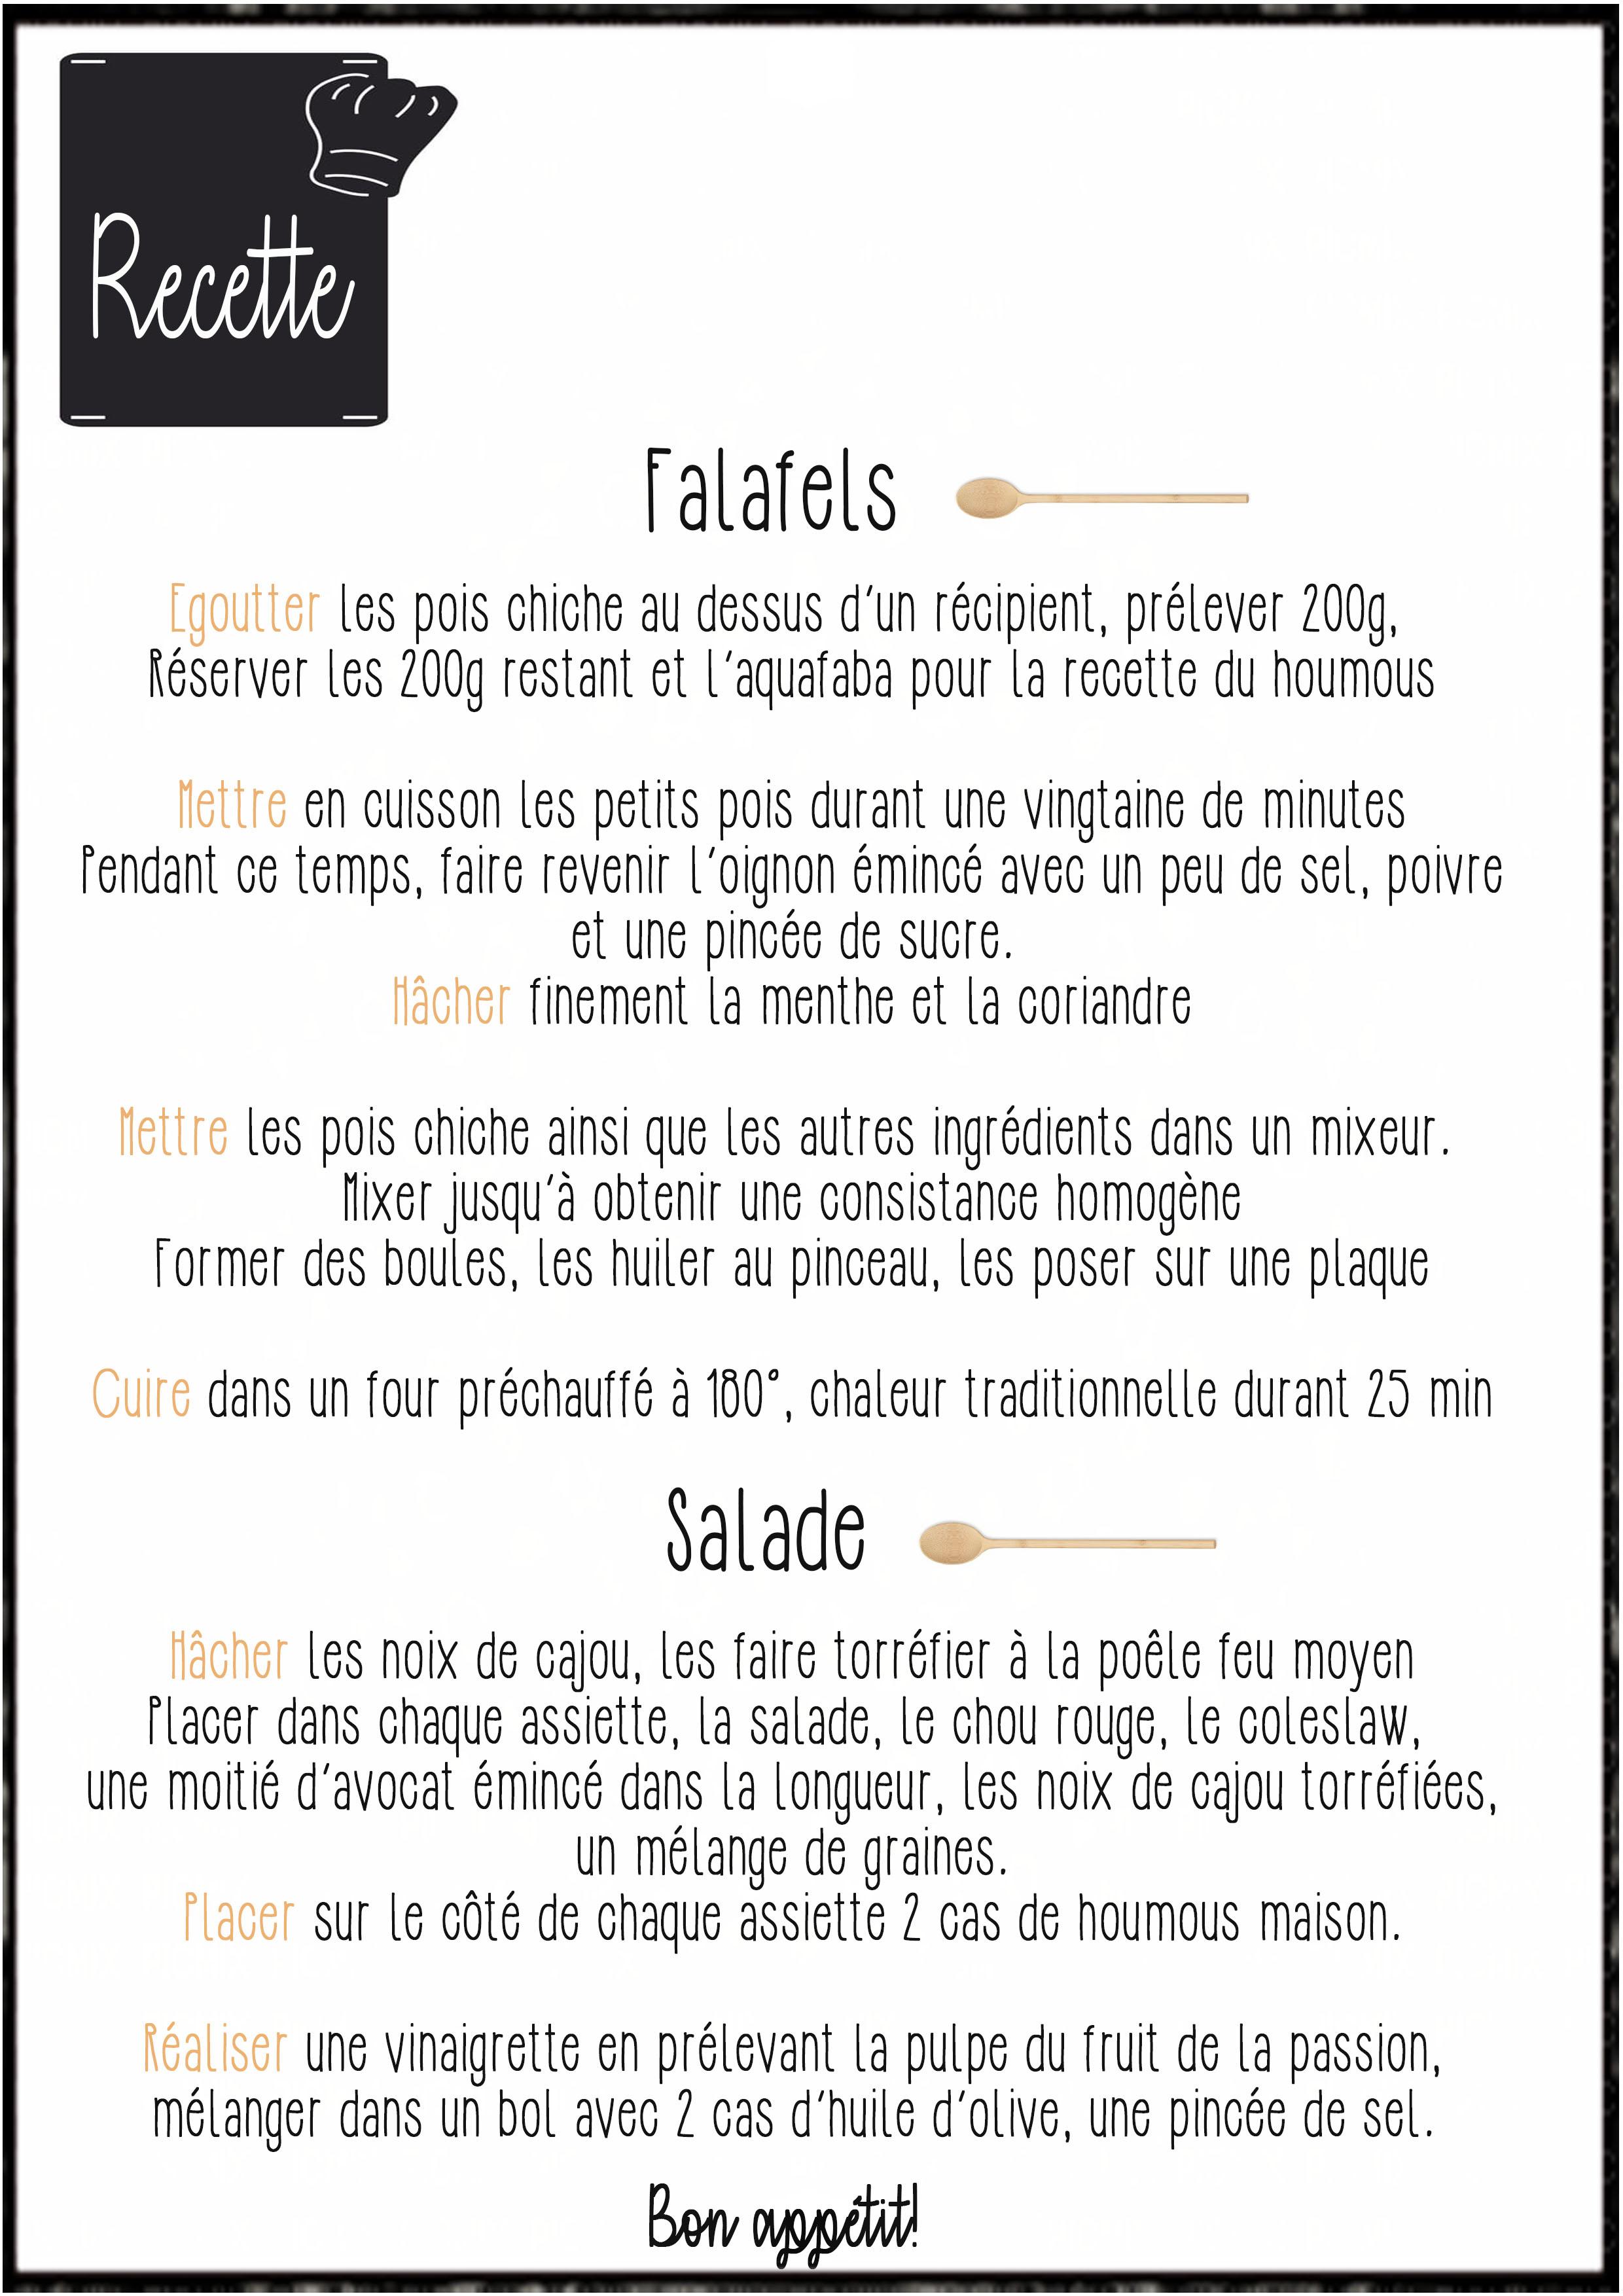 Falafels Salad recette